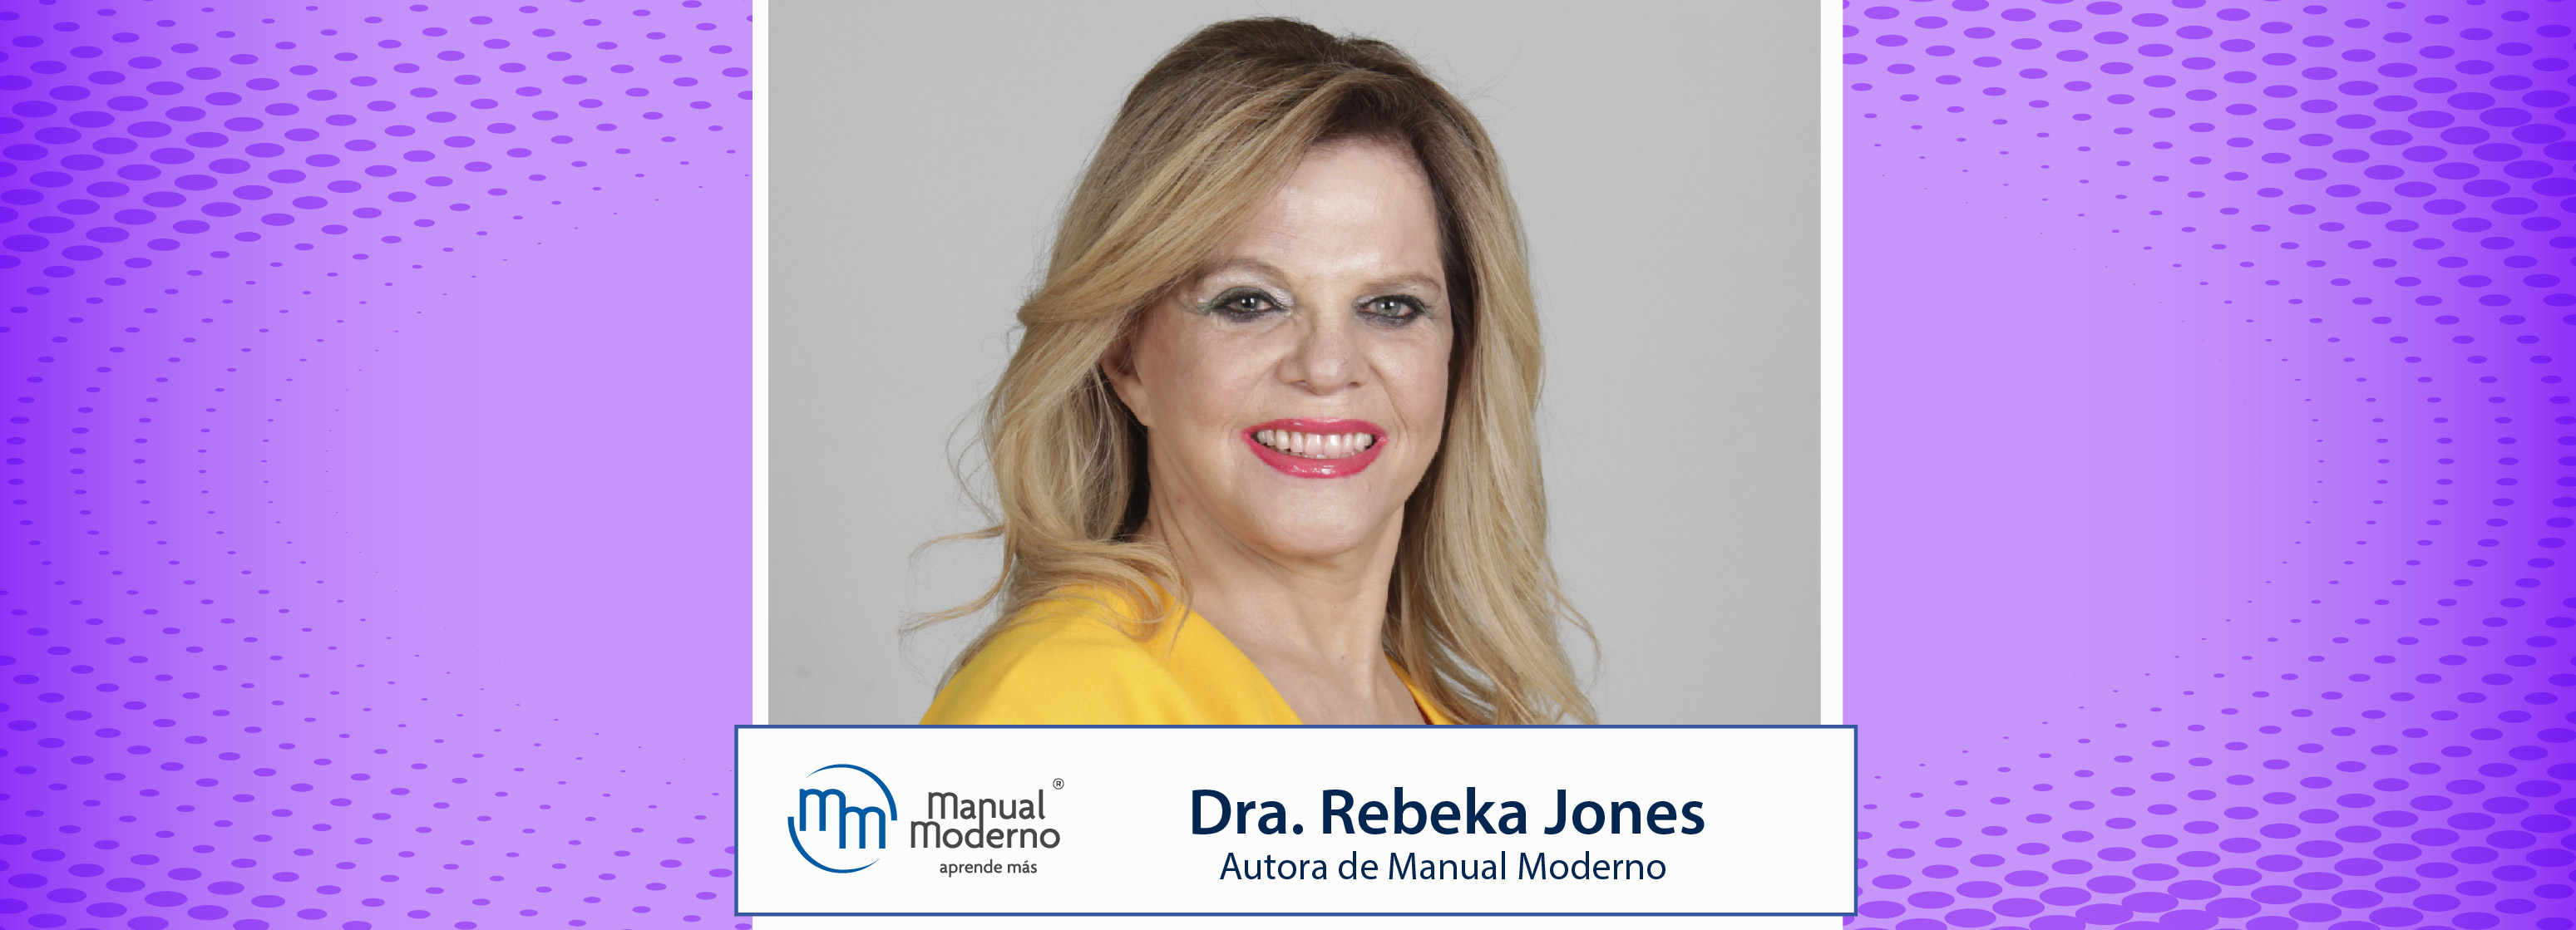 Nuestros Autores. Dra. Rebeka Jones